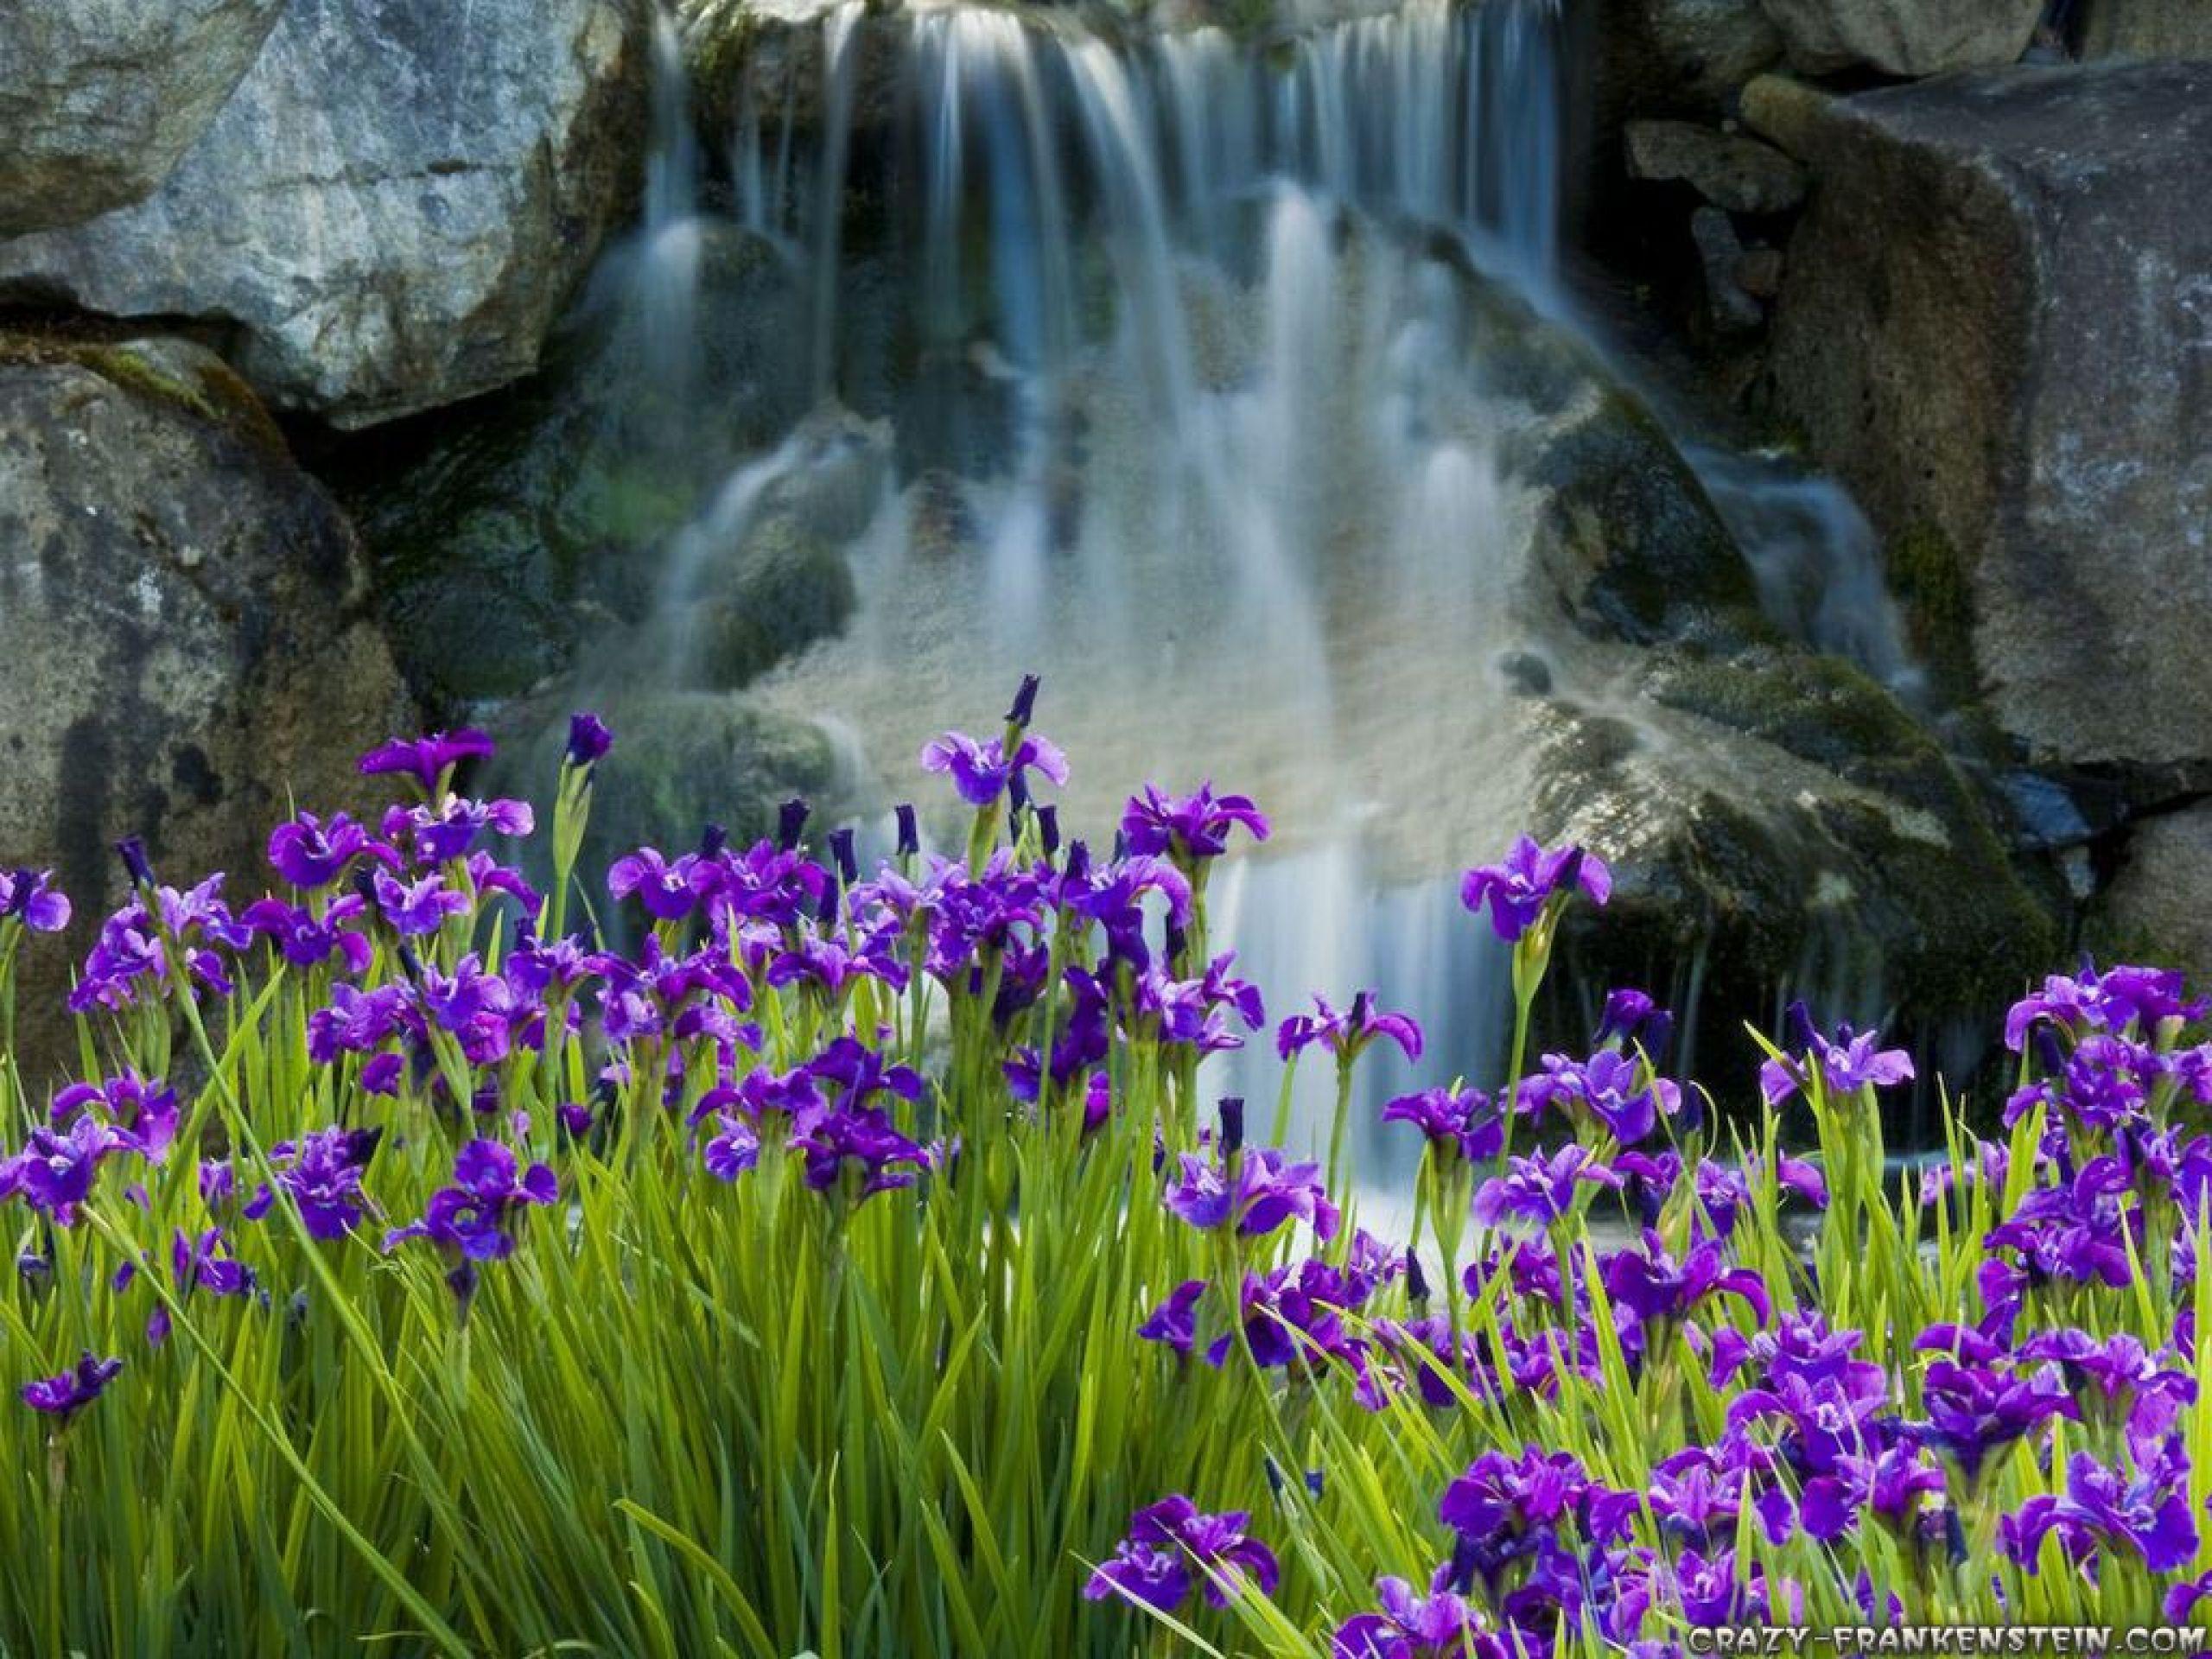 Field Of Purple Iris Flowers Near Waterfall Waterfall Iris Flowers Beautiful Waterfalls